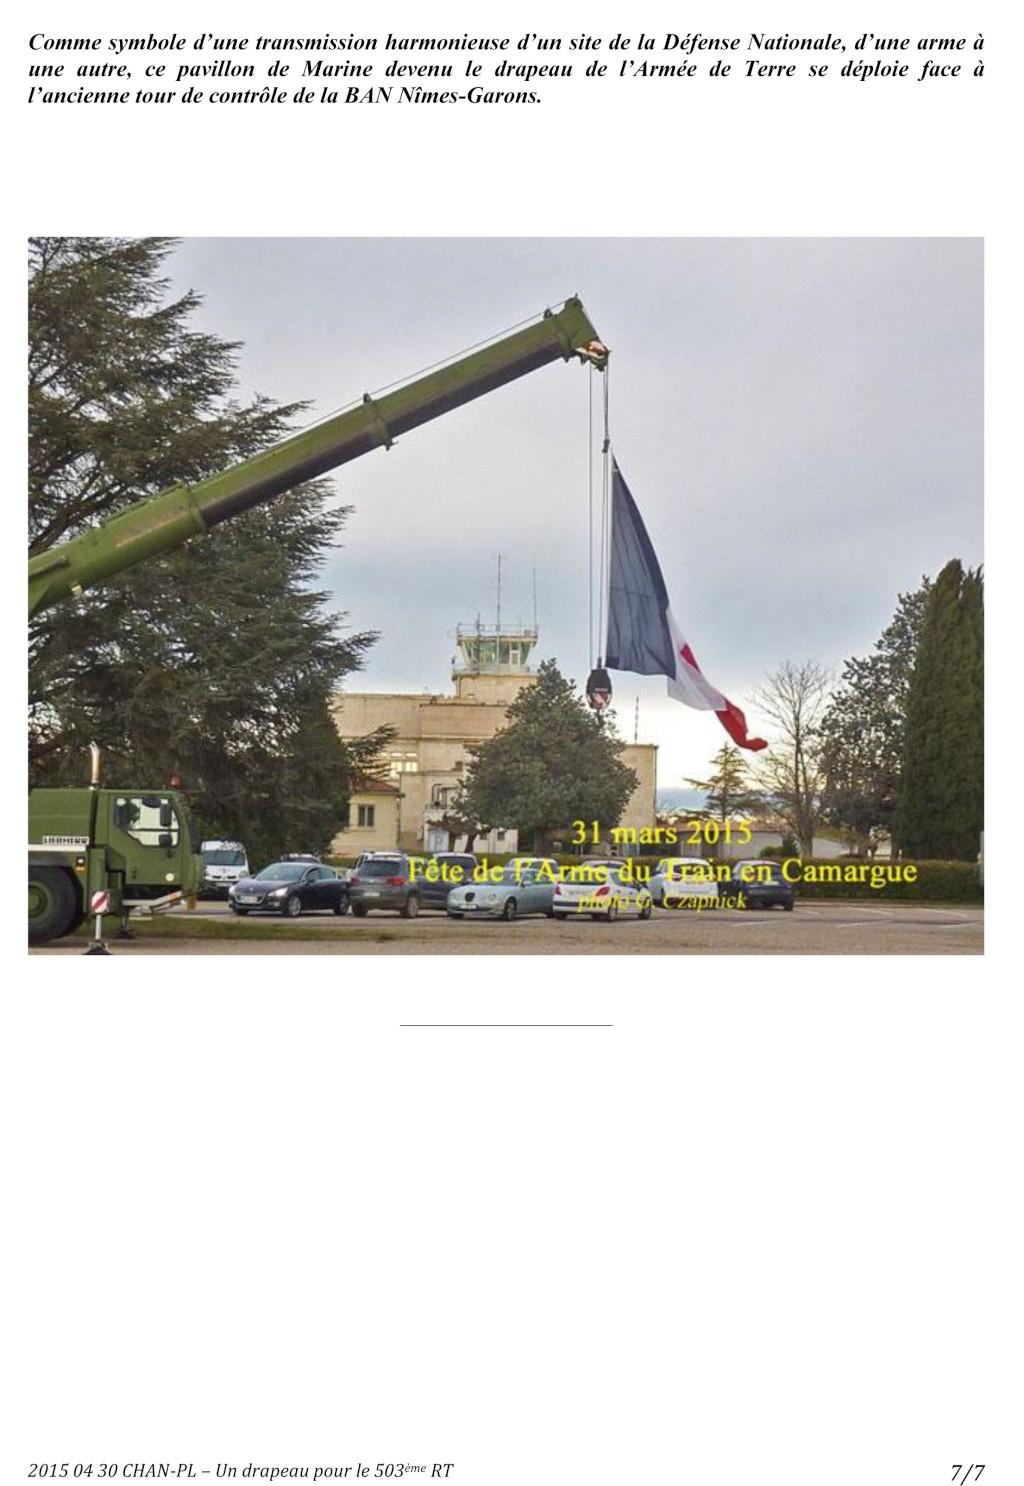 [Associations anciens marins] C.H.A.N.-Nîmes (Conservatoire Historique de l'Aéronavale-Nîmes) - Page 3 2015_016